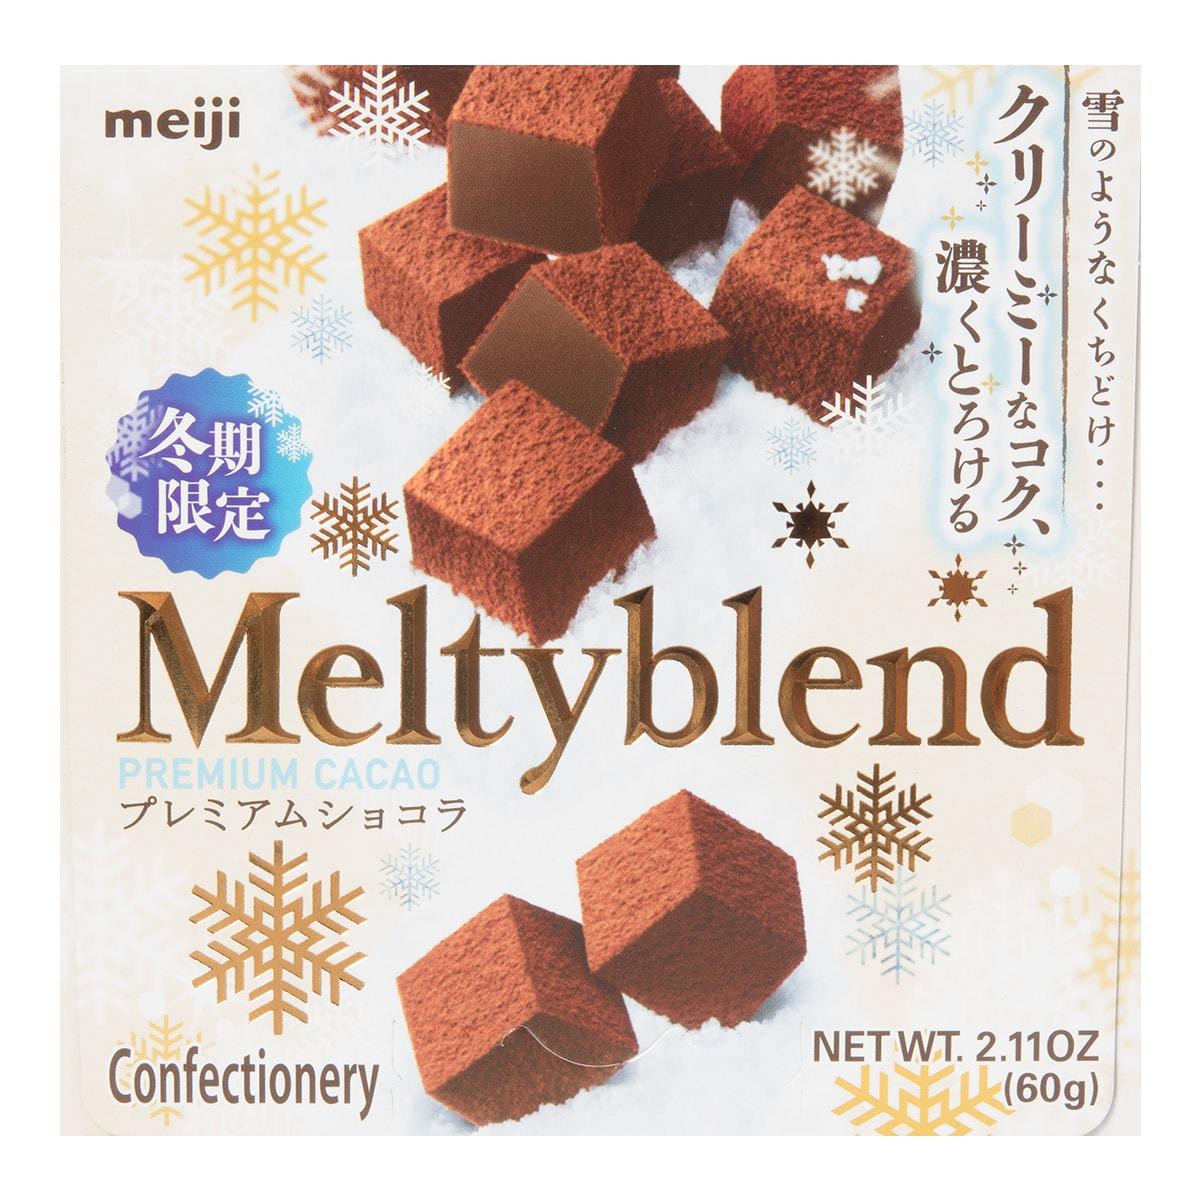 日本MEIJI明治 MELTYBLEND 雪吻特浓牛奶松露夹心巧克力 60g 冬季限定